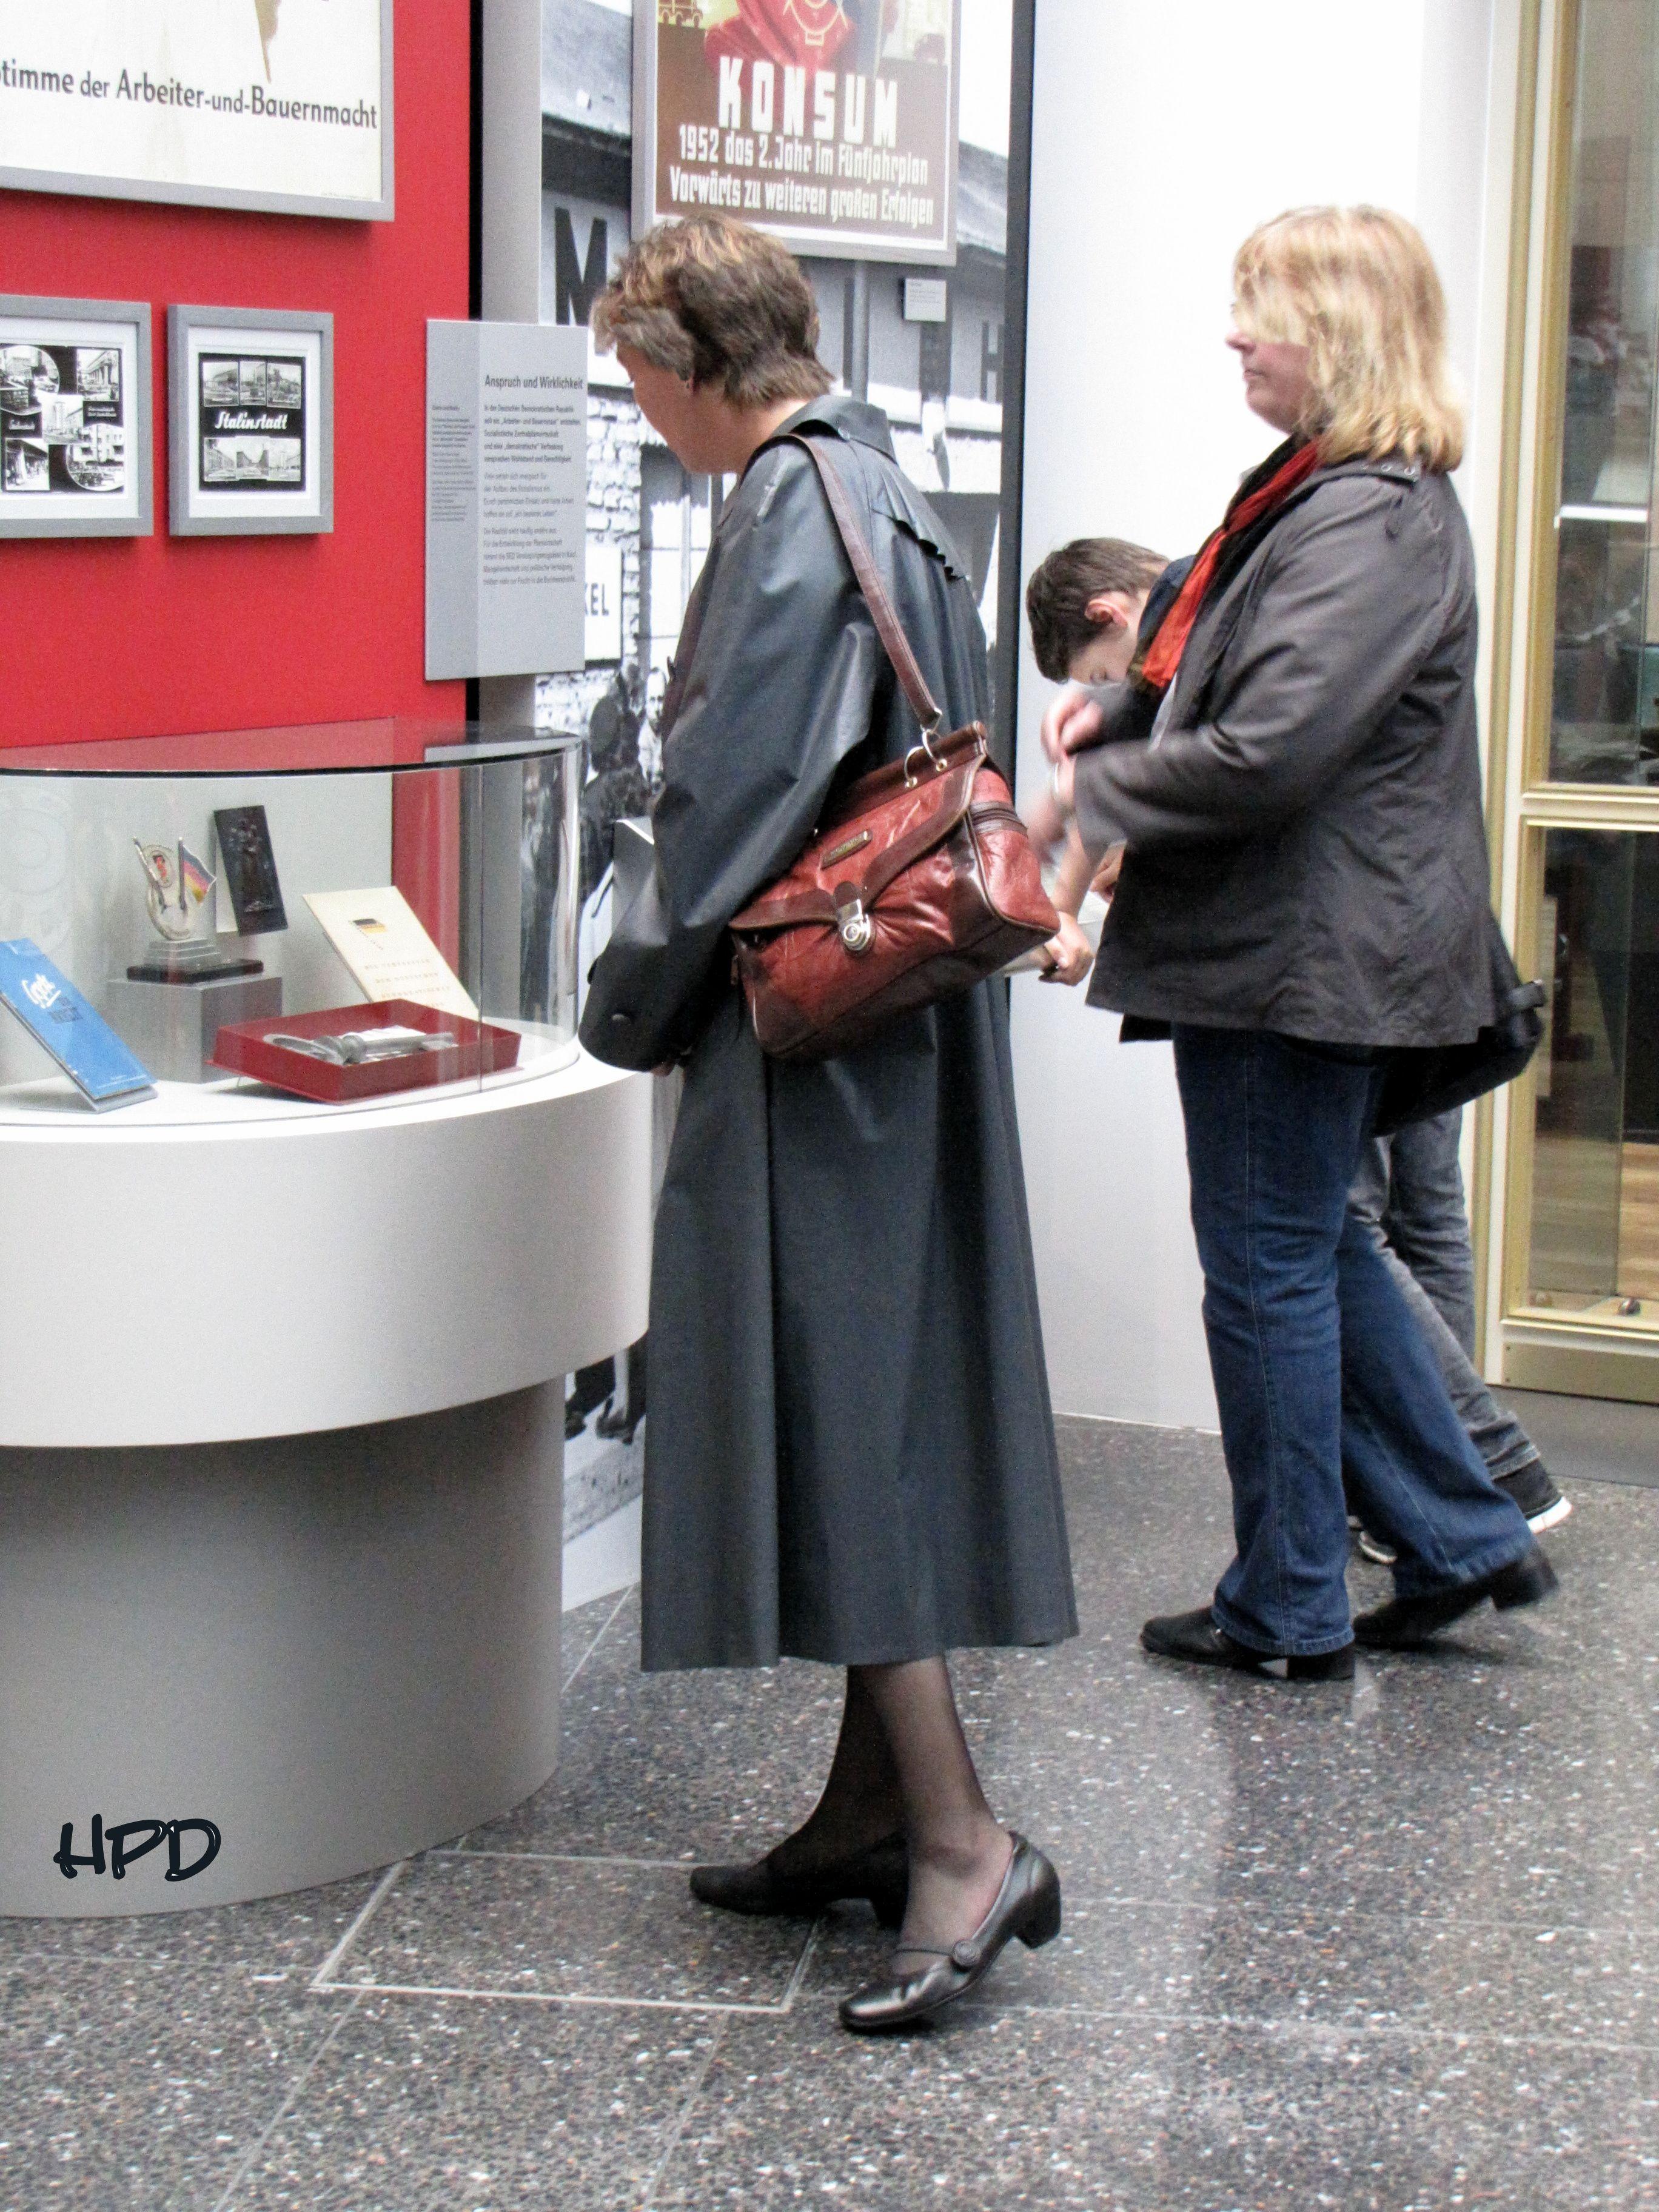 Kleppermode Haus Der Geschichte Bonn Kleppermantel Klepper Haus Der Geschichte